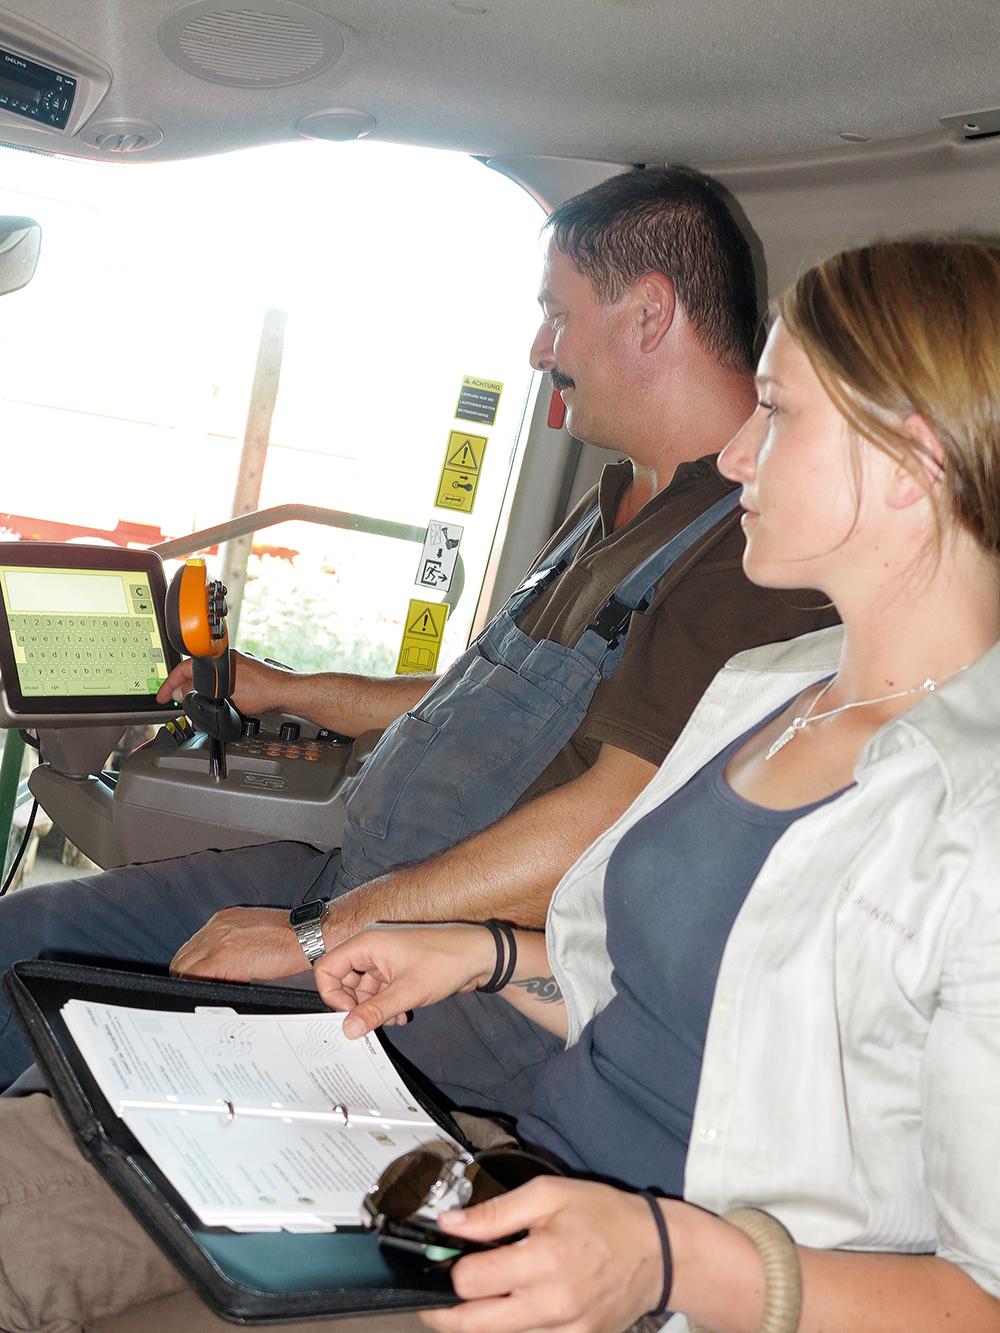 de maaidorser stuurt de transportcombinatie - Agri Trader Test Jaarboek - (6)